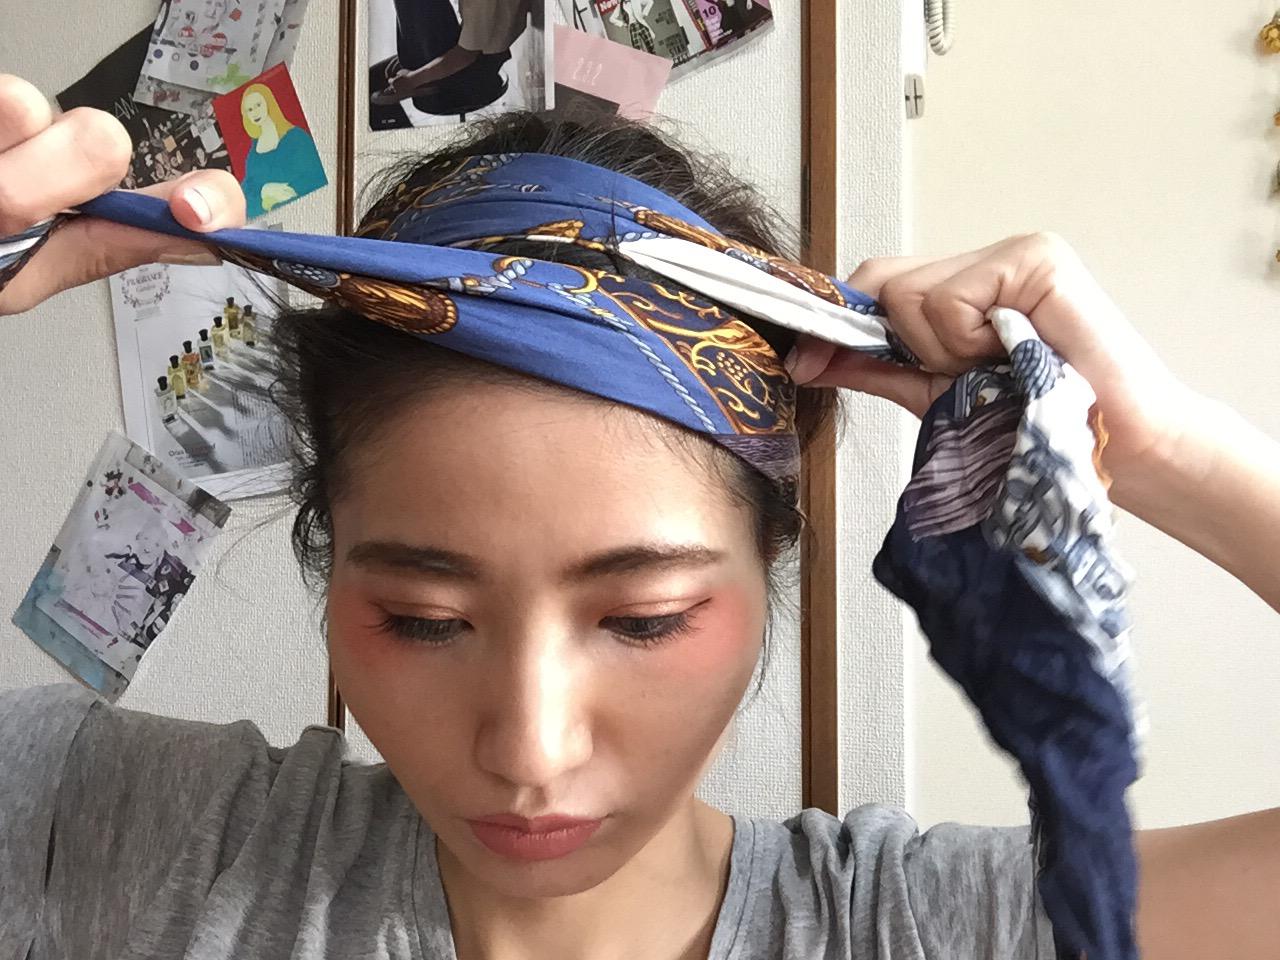 保存版 ヘッドスカーフの巻き方 ファッションがもっと楽しくなっ